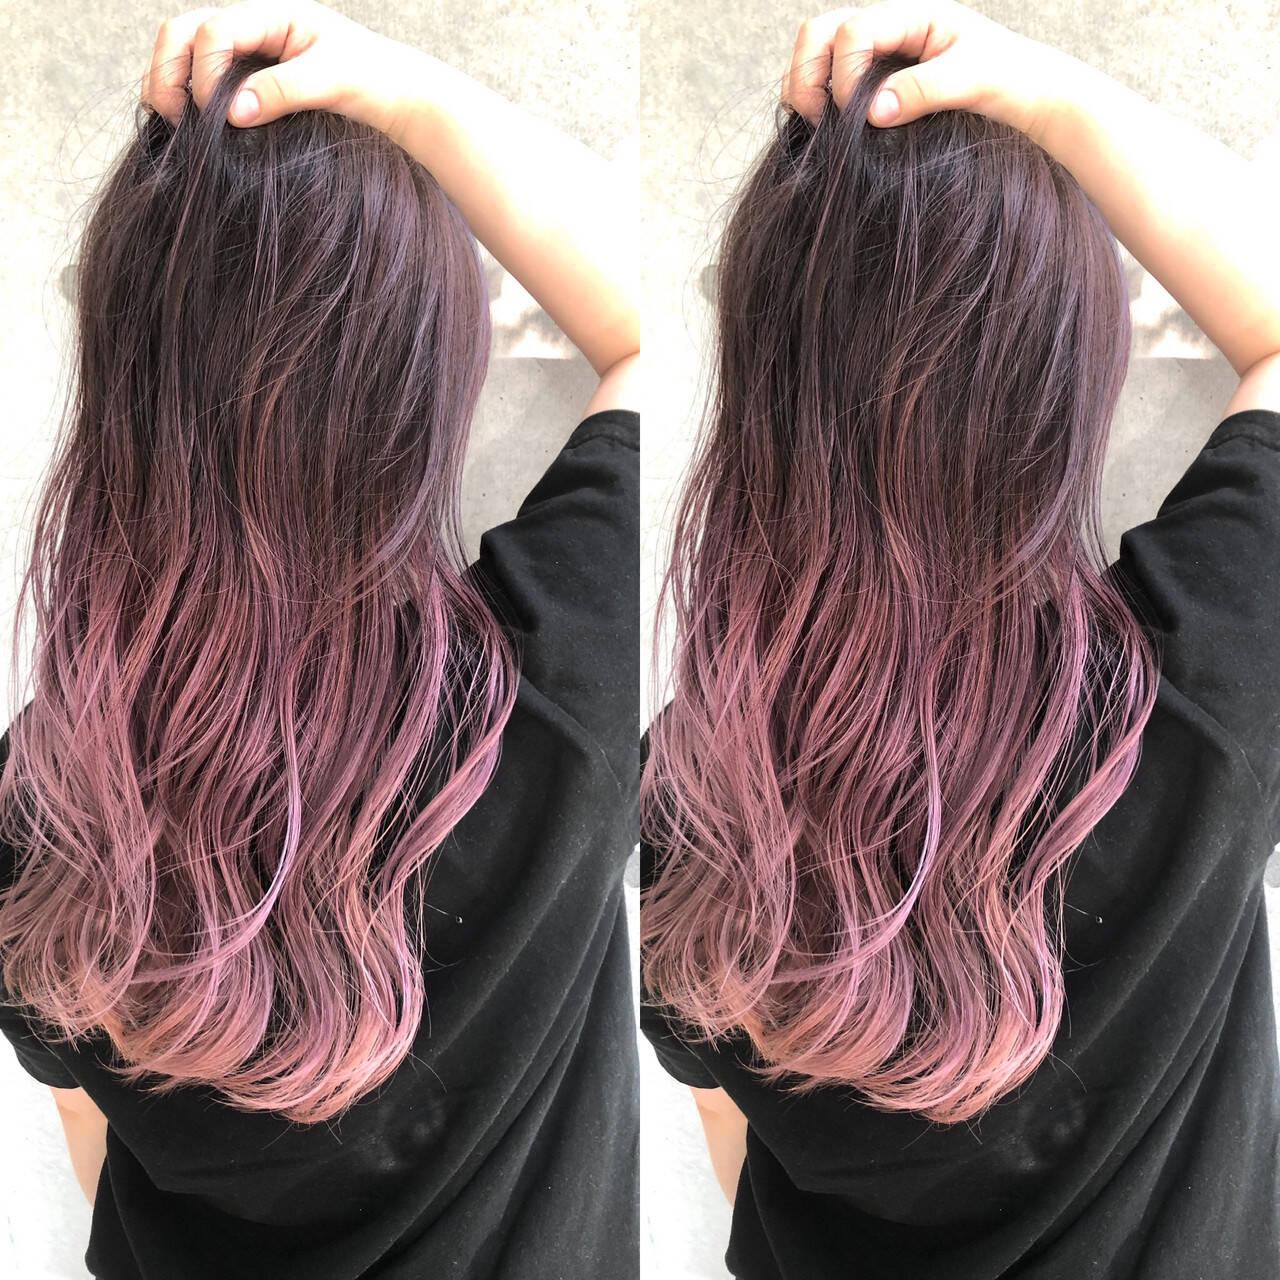 バレイヤージュ ピンクバイオレット ピンクパープル ストリートヘアスタイルや髪型の写真・画像